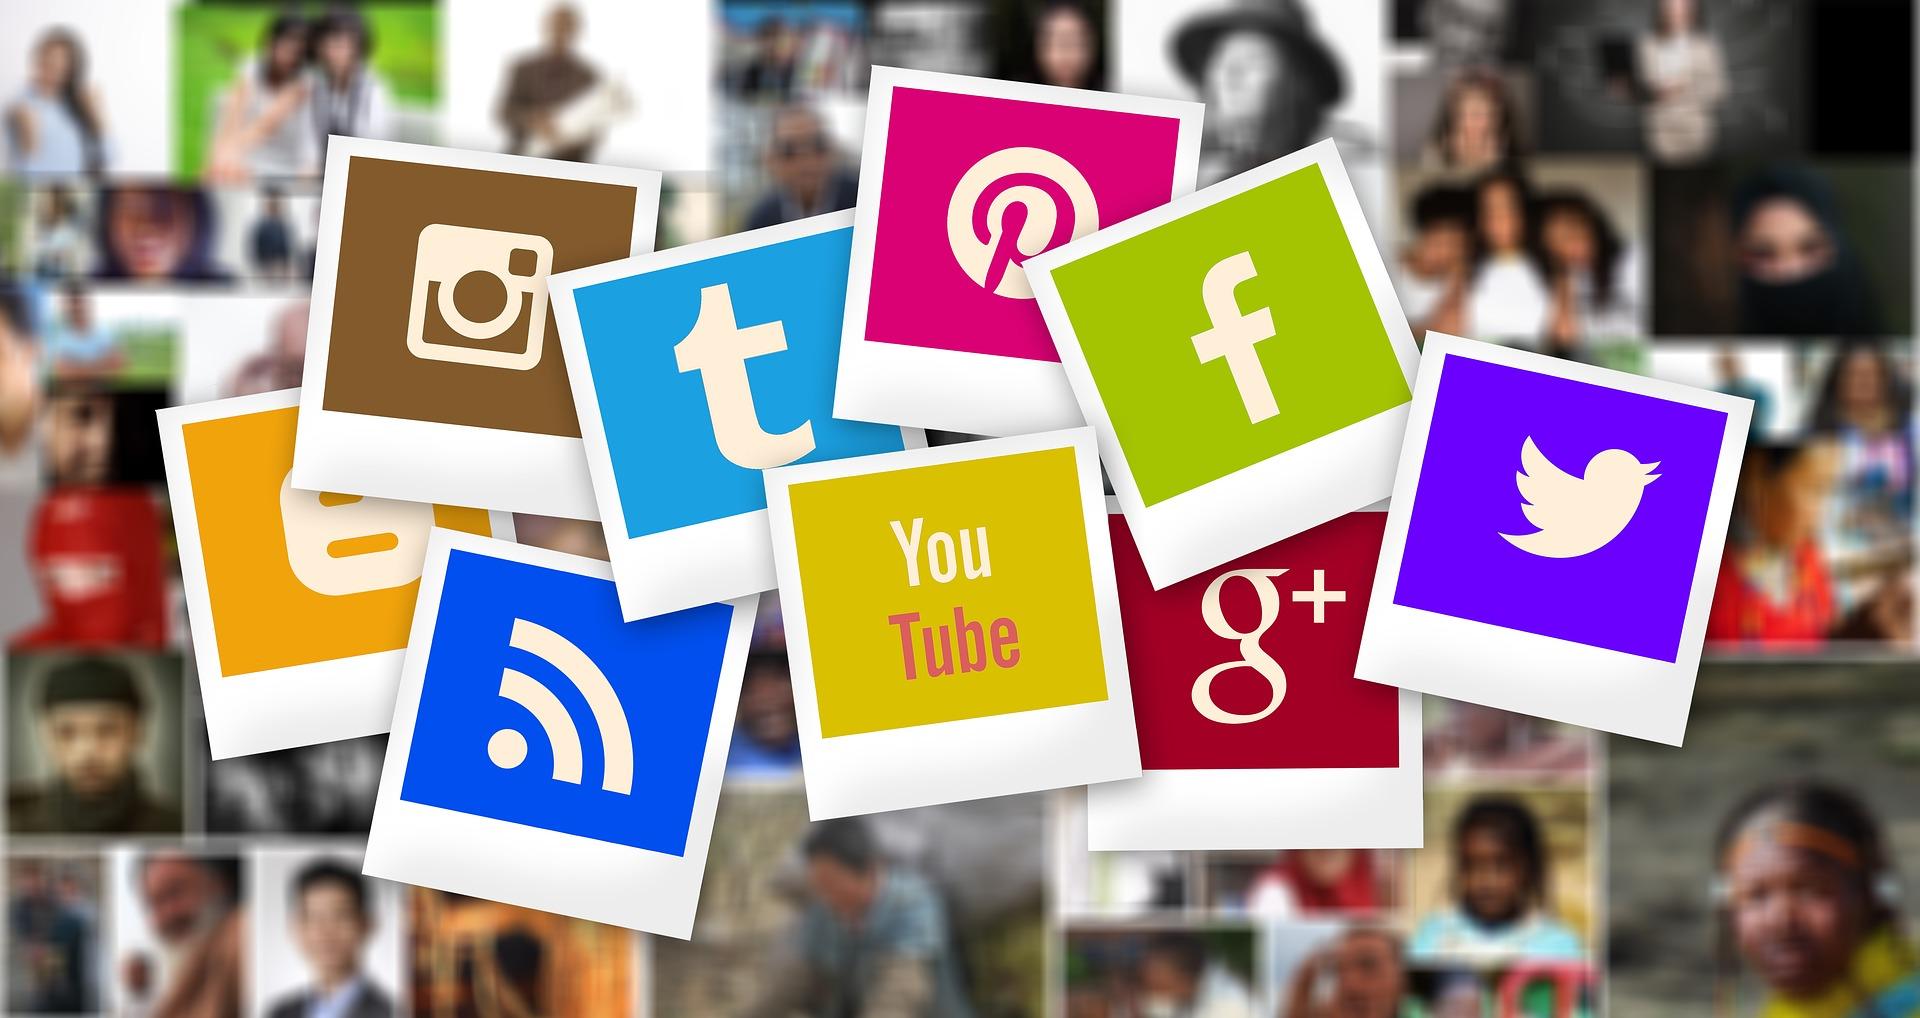 Bezoekers vergroten via social media